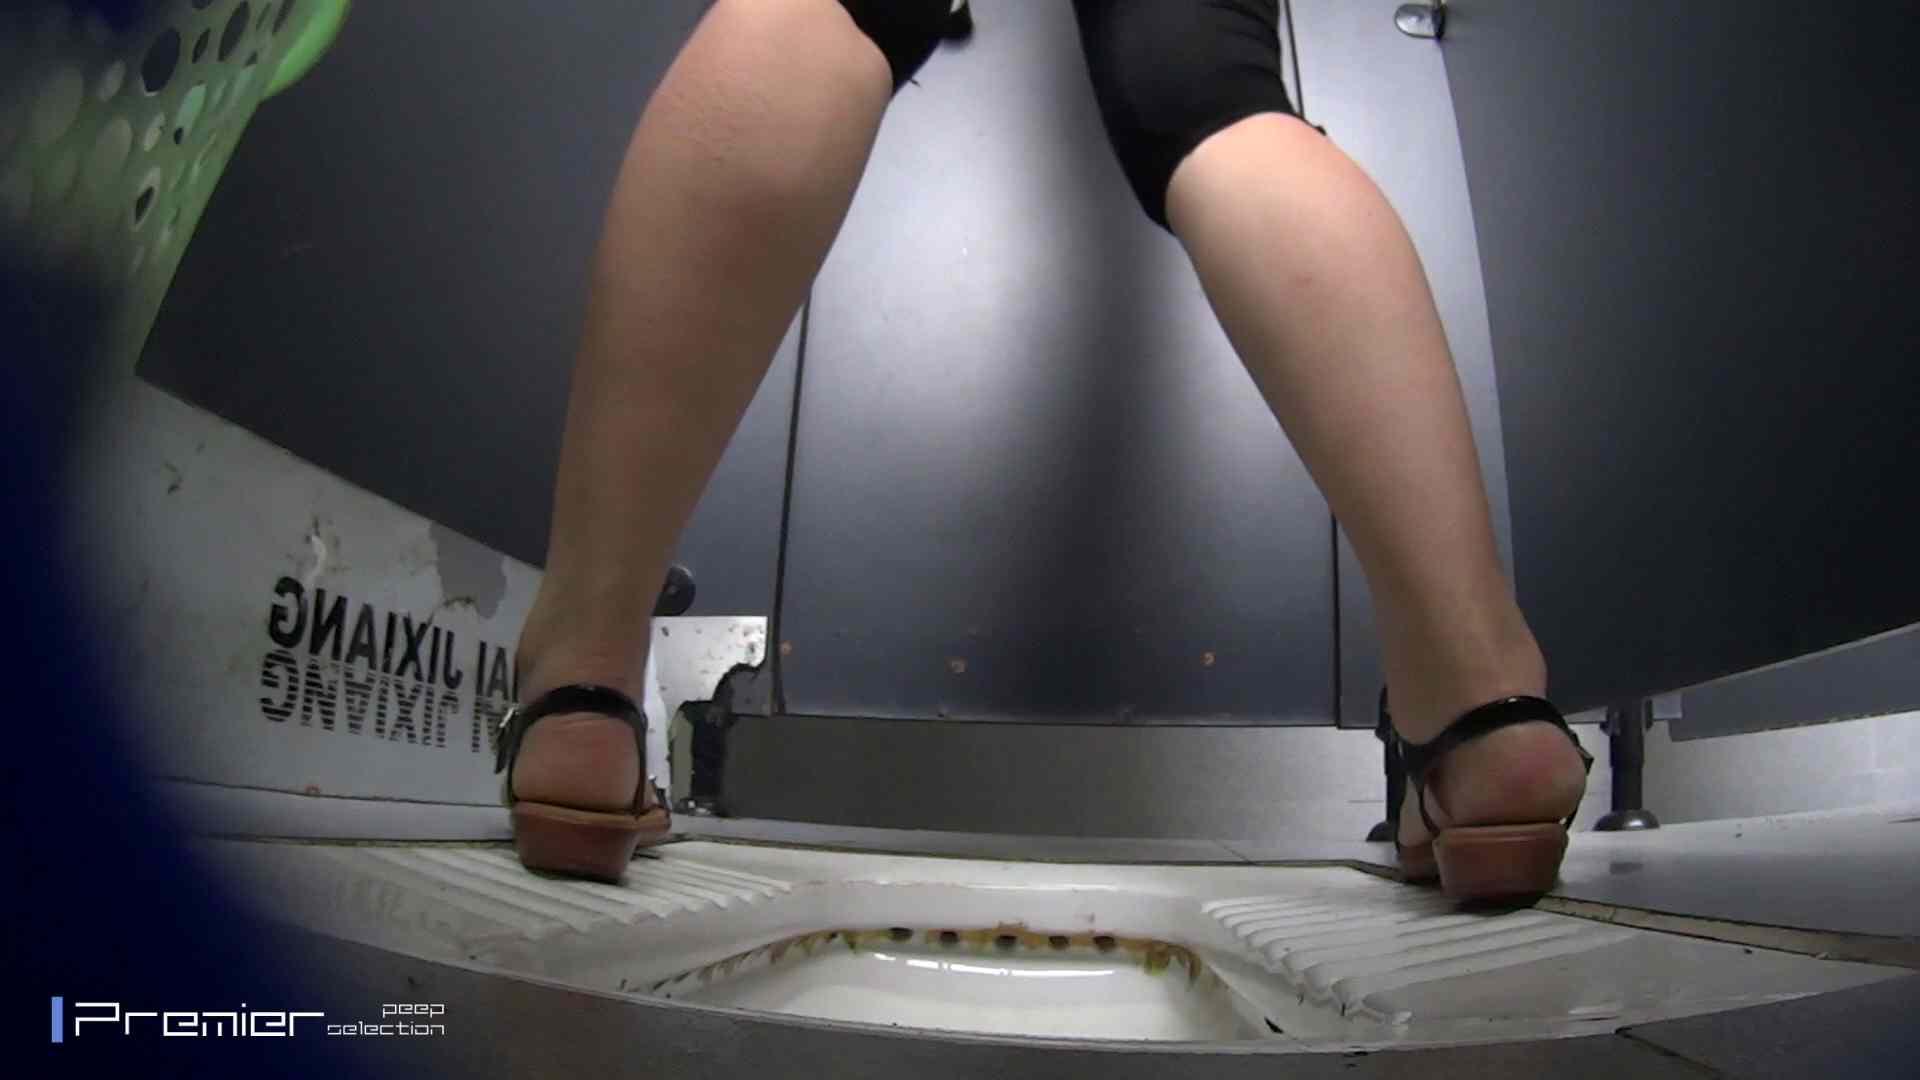 ポチャが多めの洗面所 大学休憩時間の洗面所事情45 美女 のぞきエロ無料画像 105pic 92